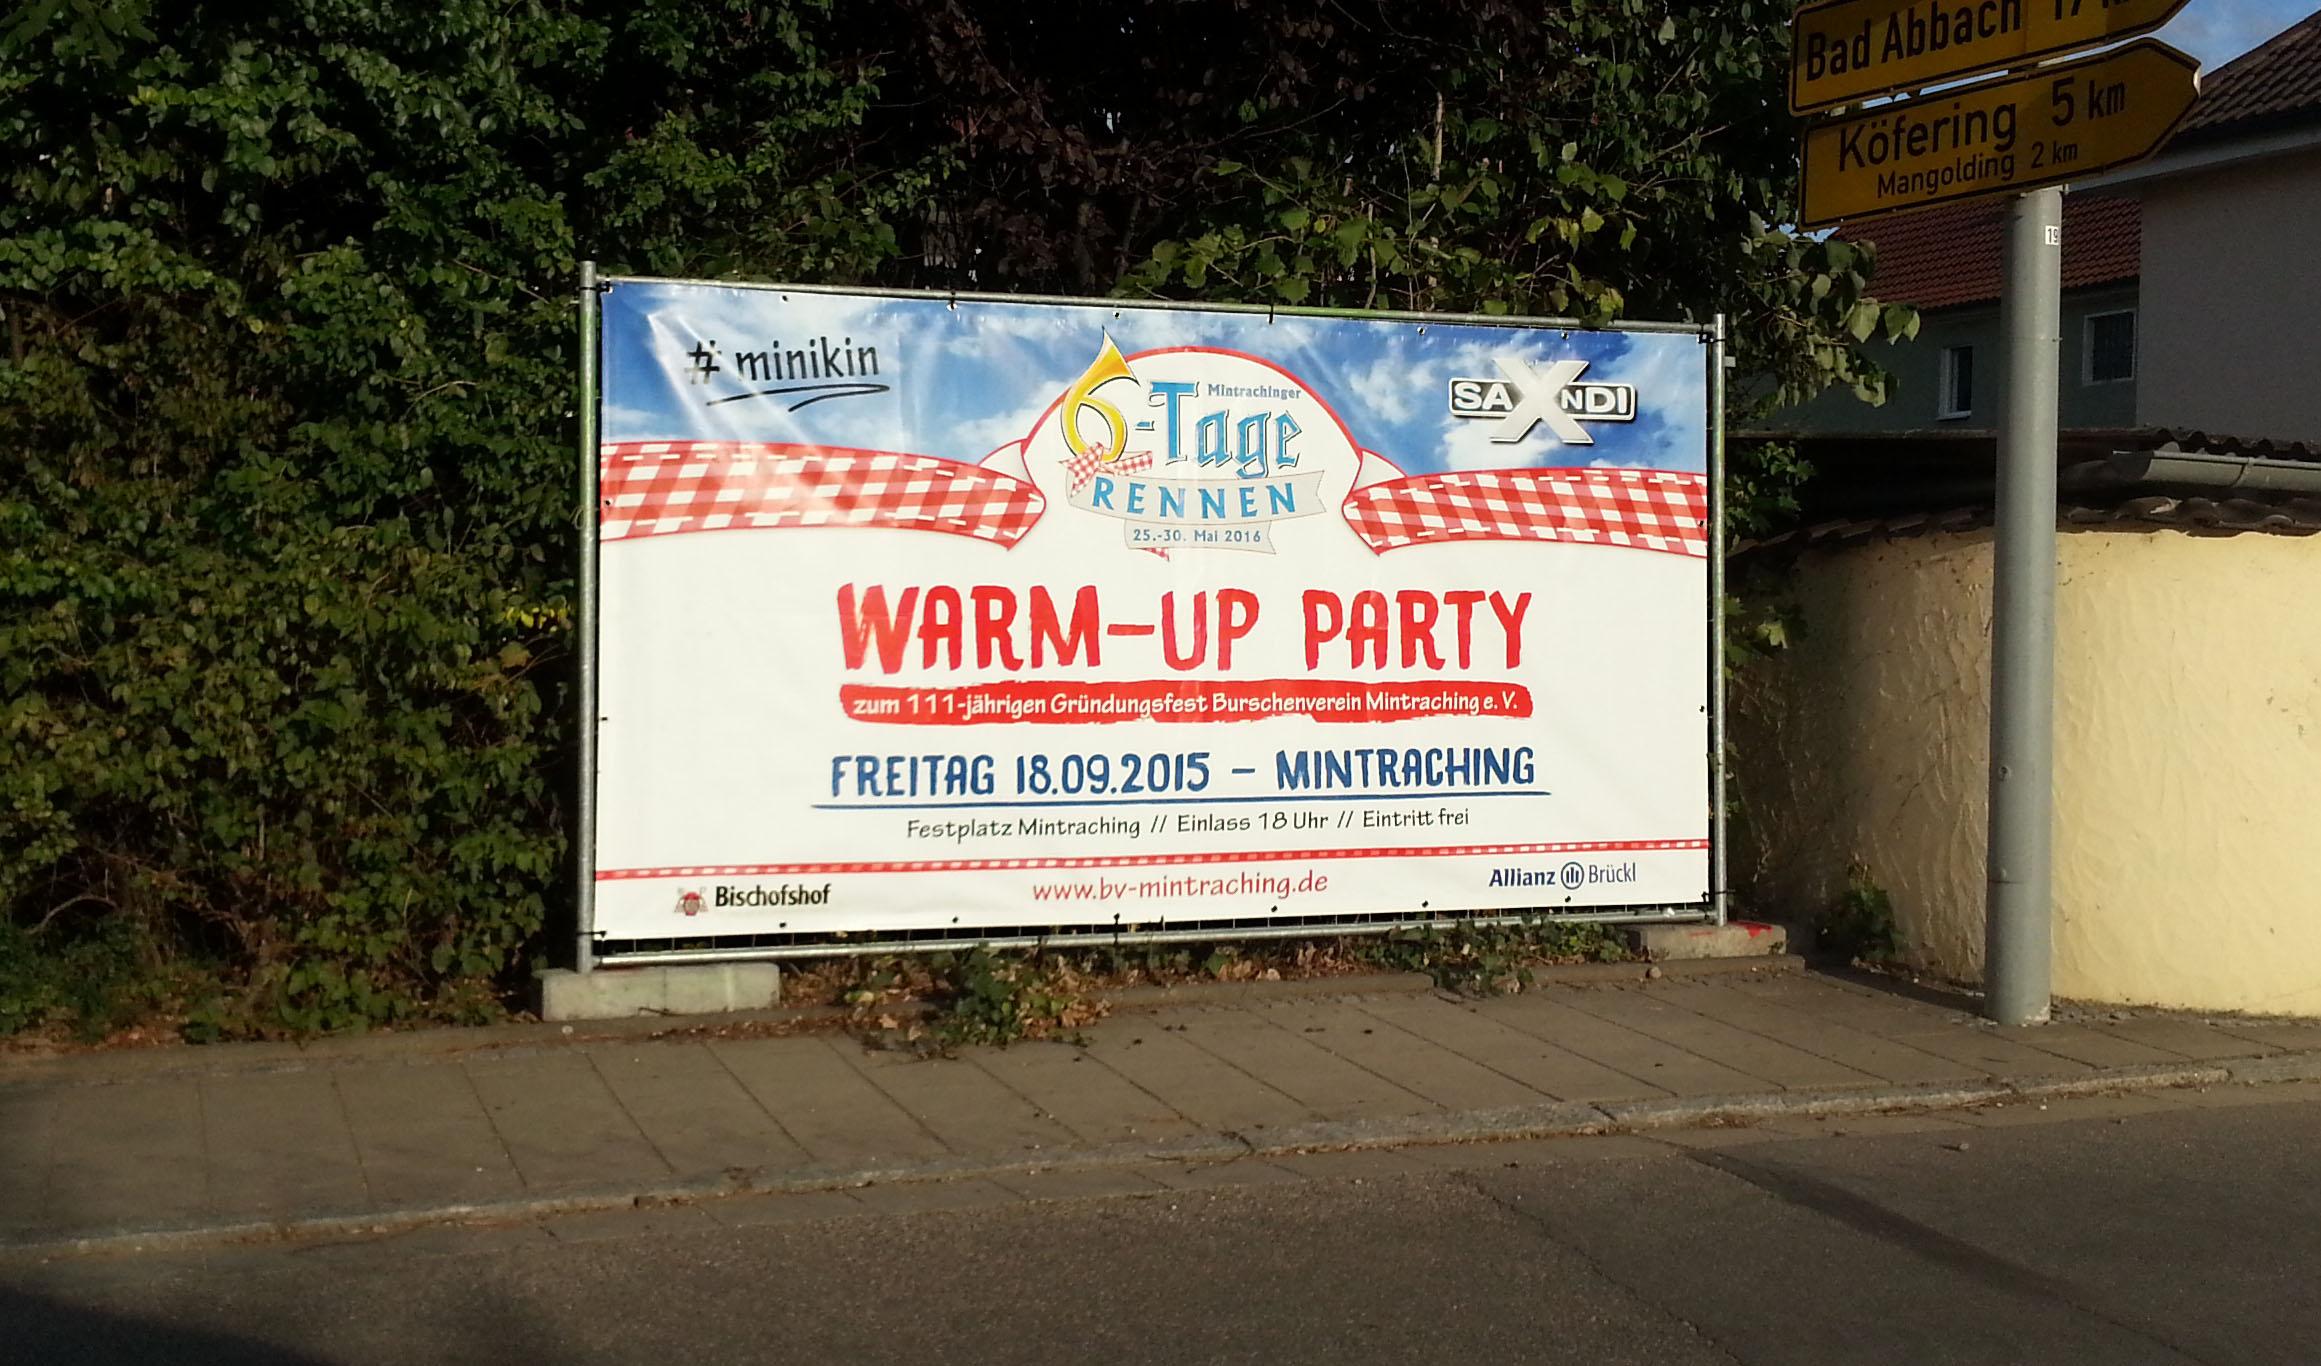 mintraching-warm-up-6-Tage-Rennen-bauzaunplakat-design-73